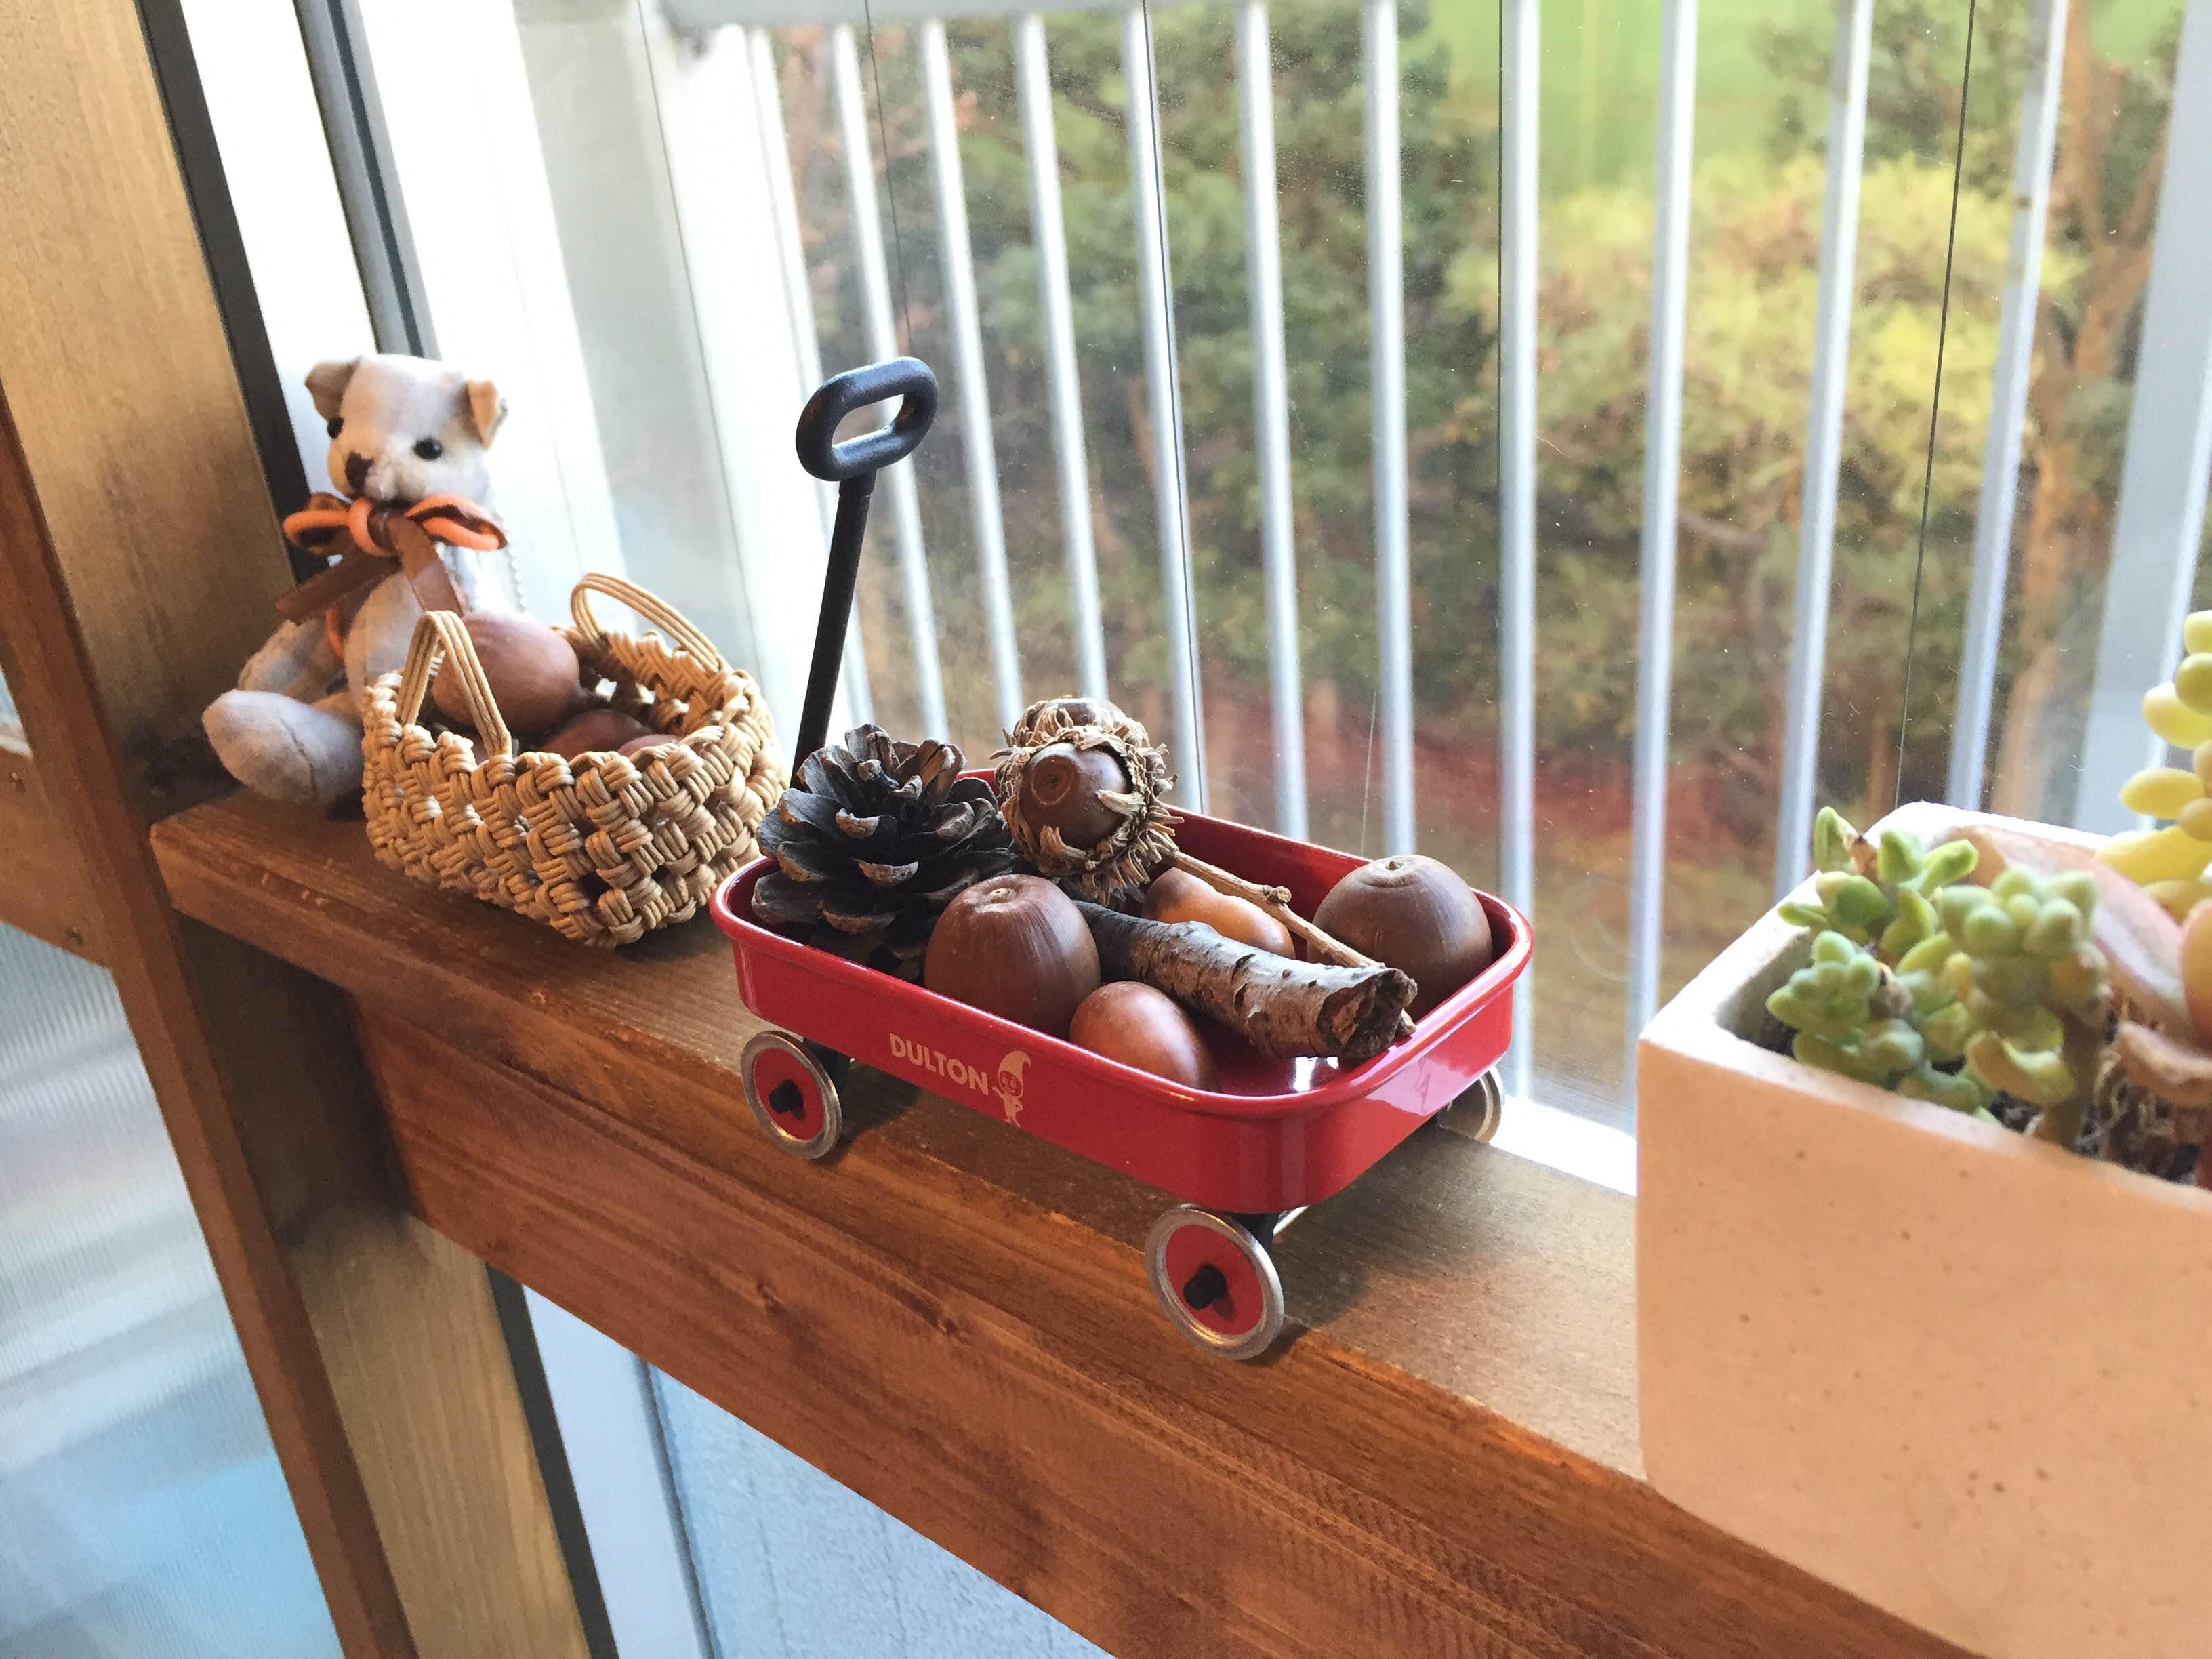 窓辺をオシャレに飾る♪賃貸でも取り外し可能な木枠を作ろう!